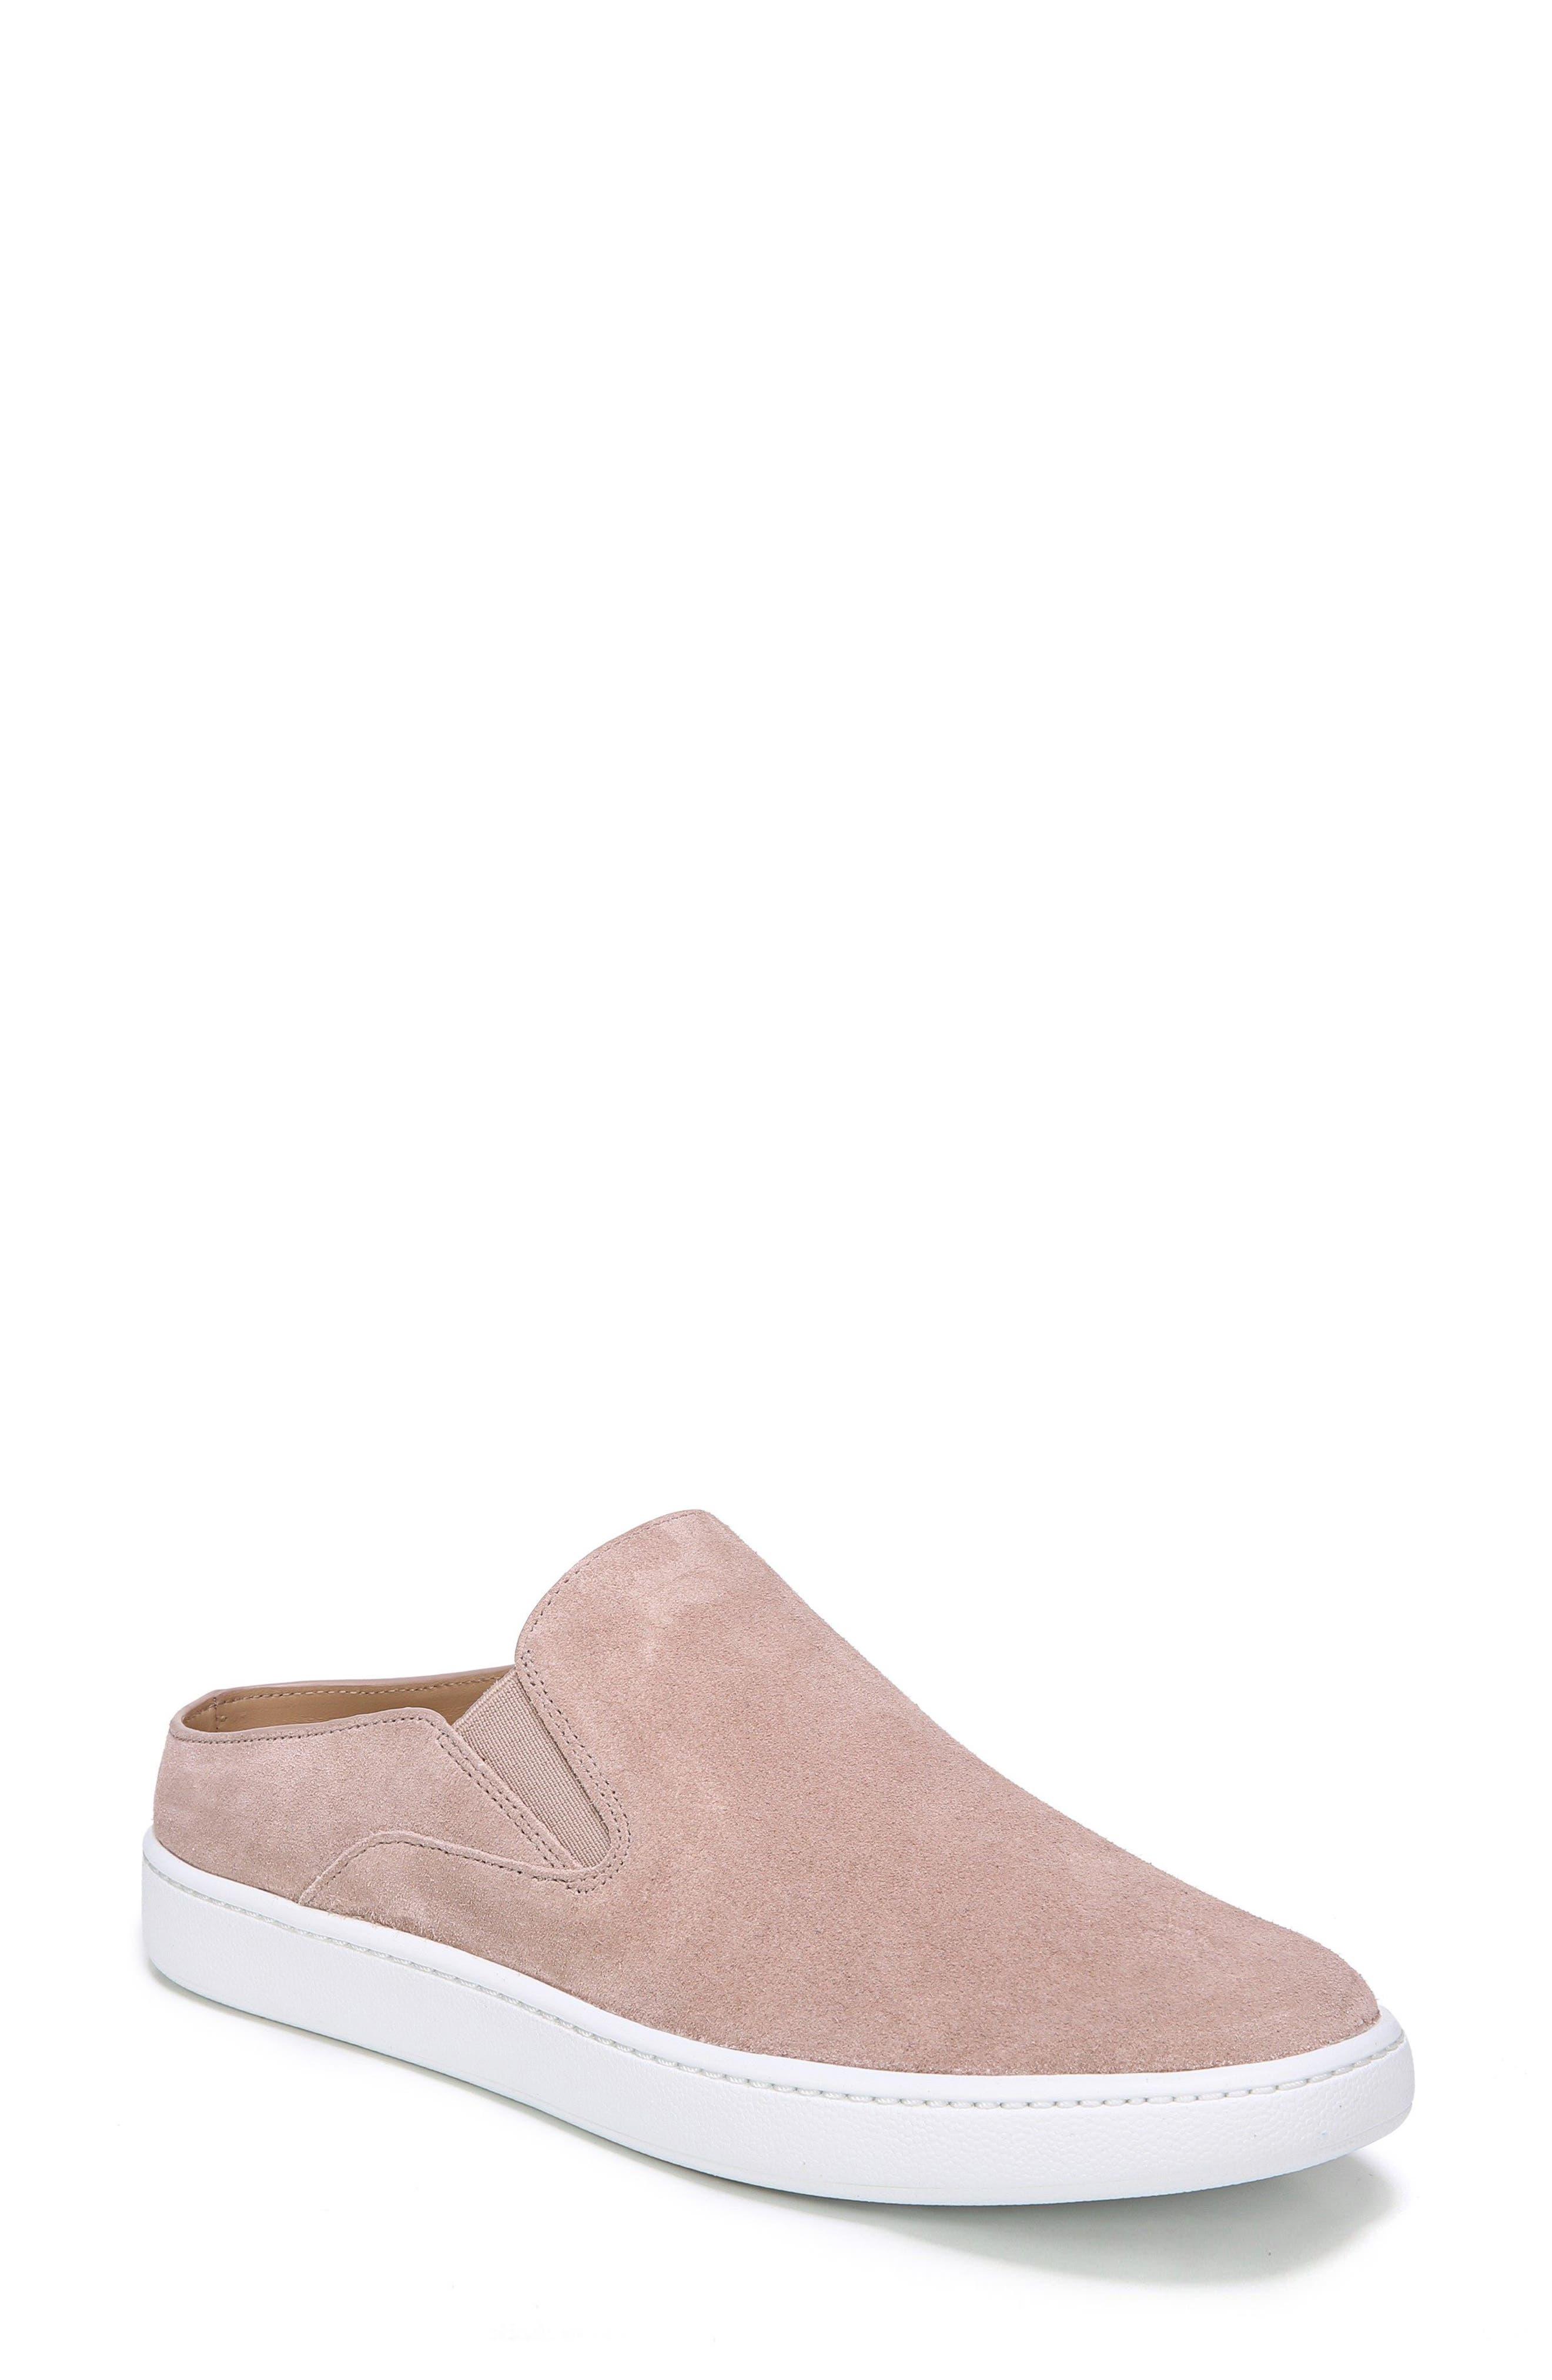 Verrell Slip-On Sneaker,                         Main,                         color, 023